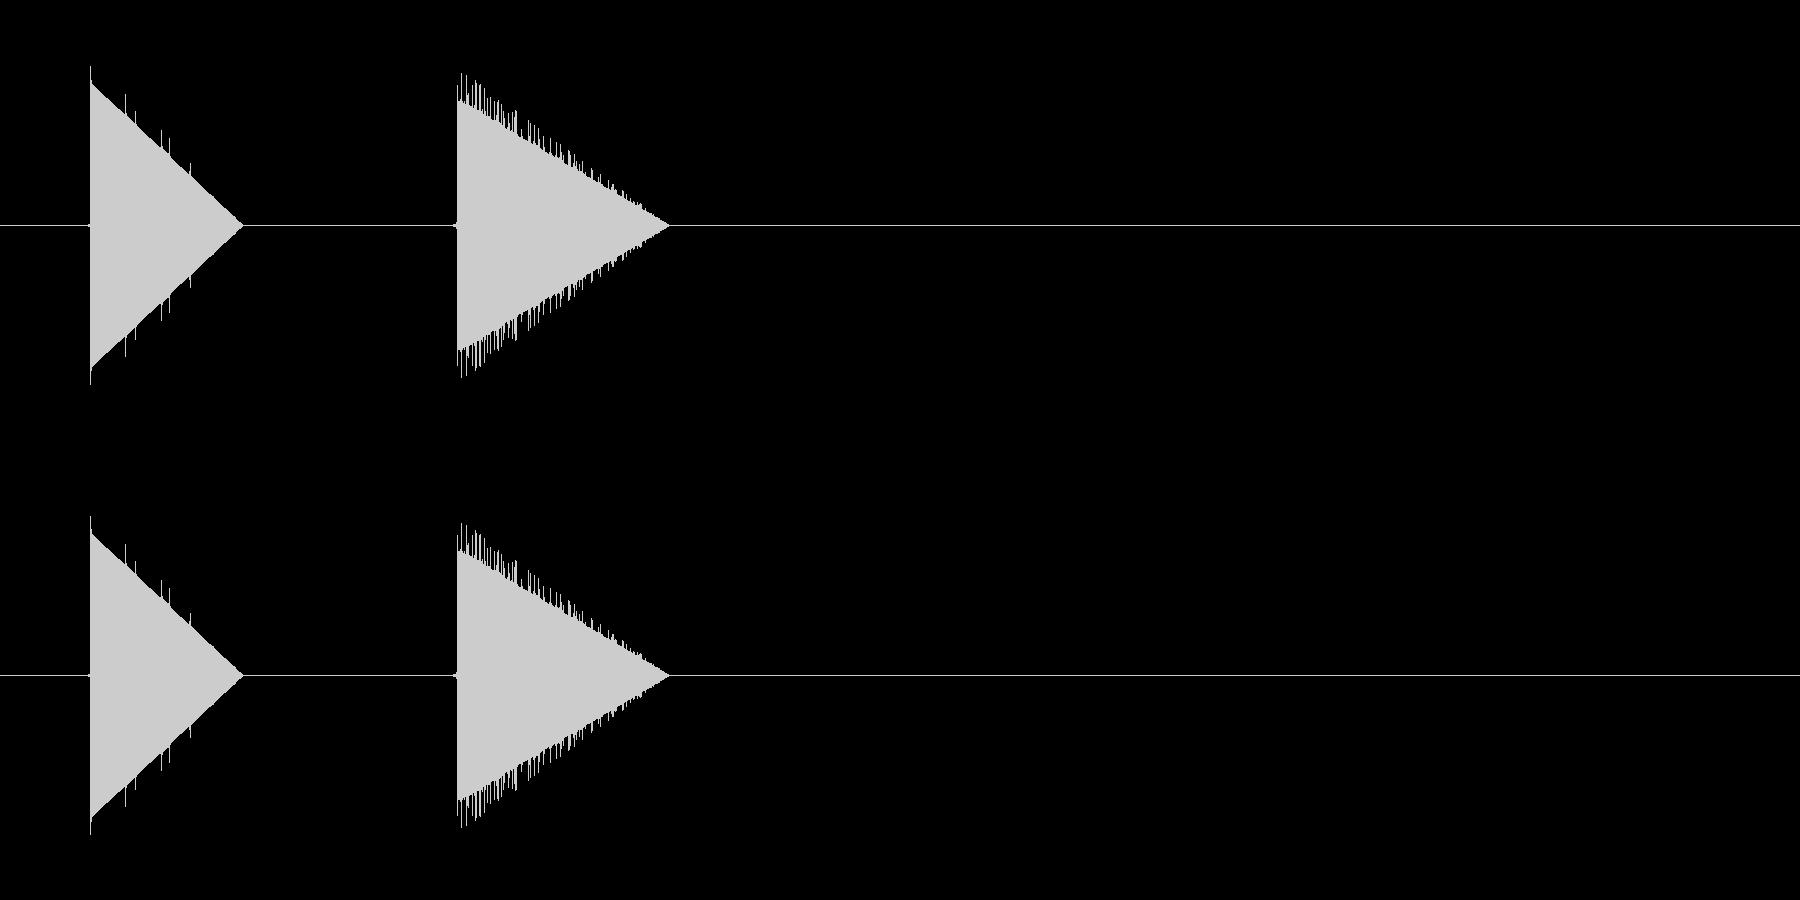 レトロゲーム風・宝箱#3の未再生の波形